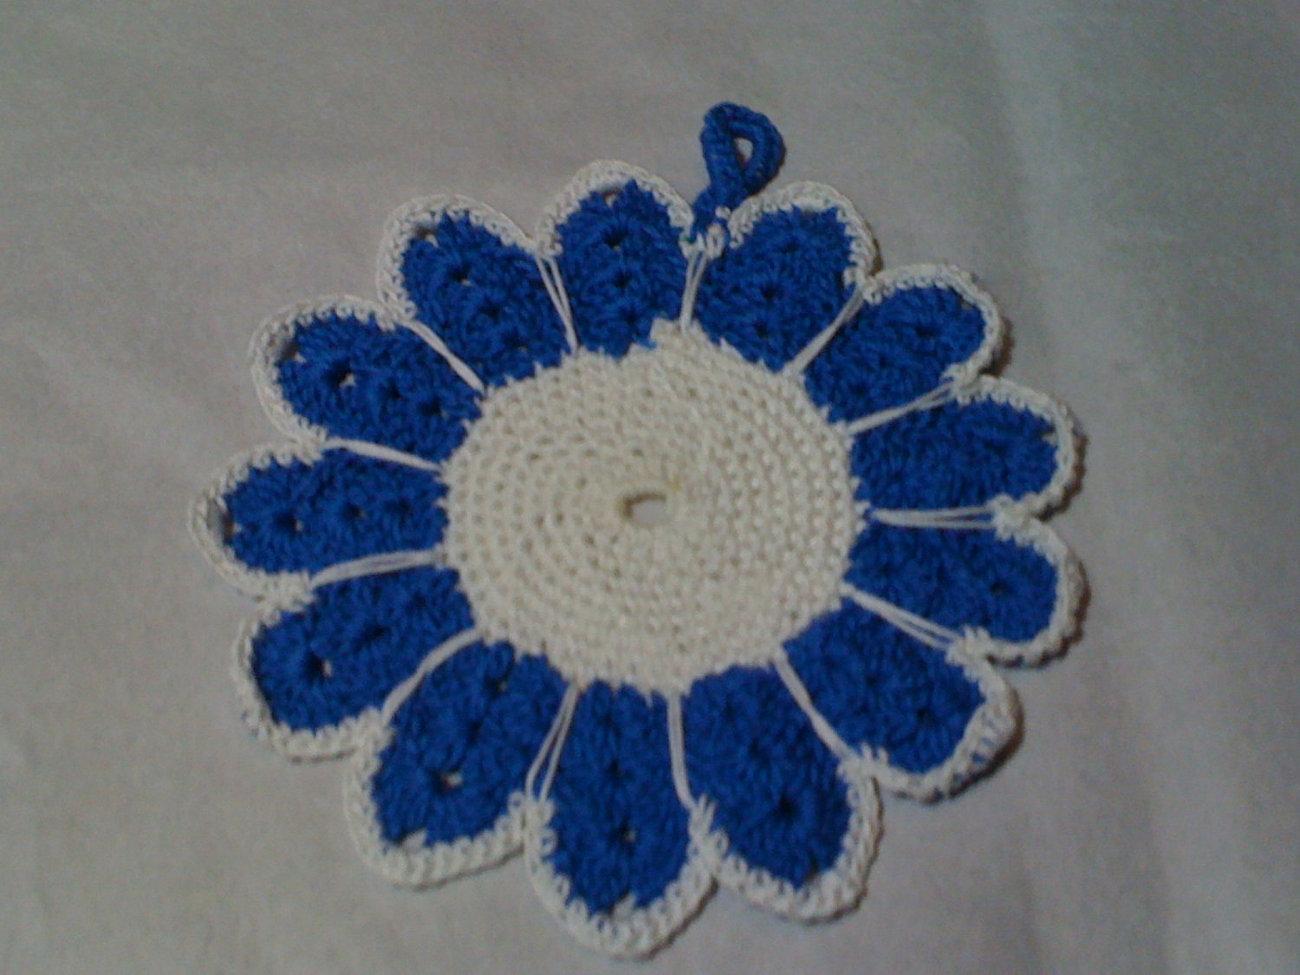 Crochet blue/white floral potholder